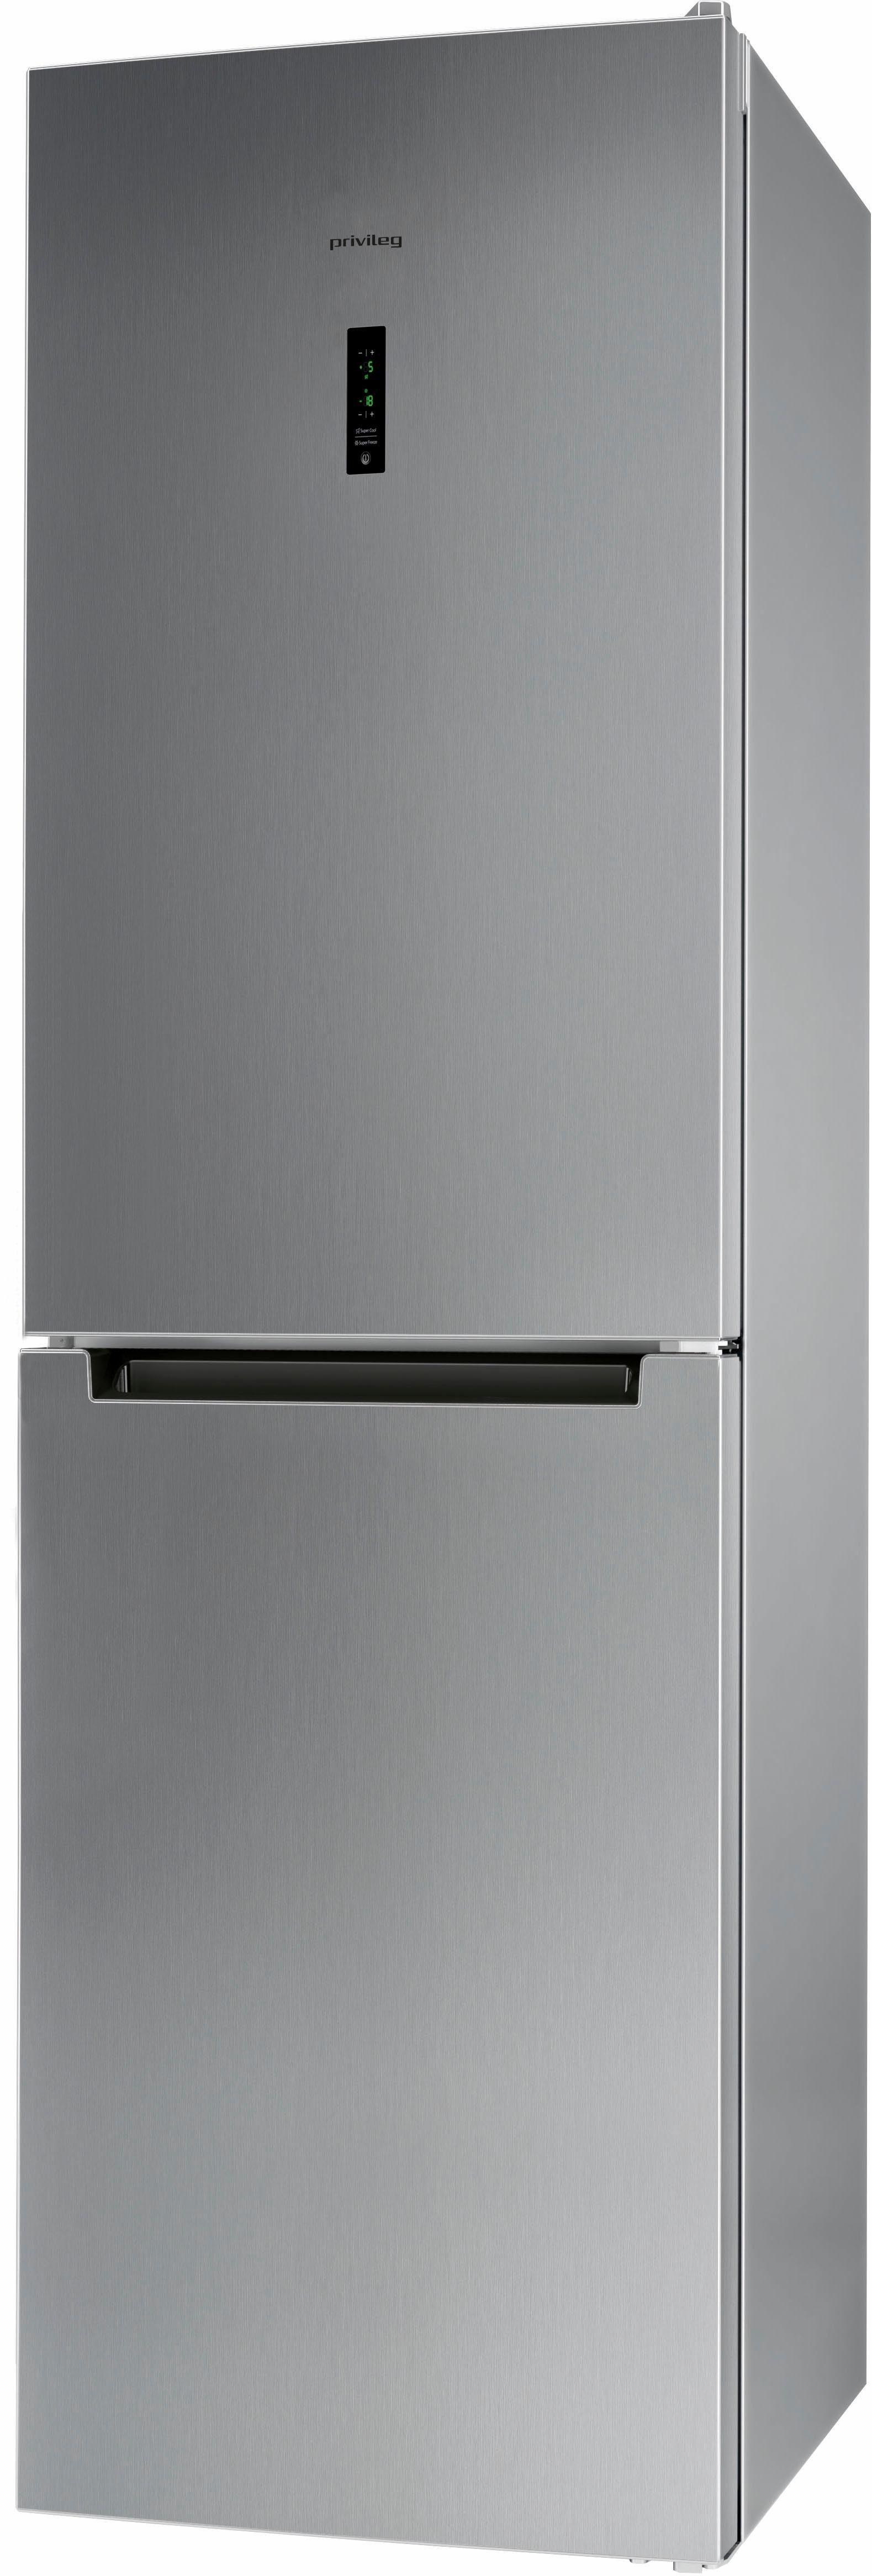 Privileg Kühl-Gefrierkombination PRBN 396S, A+++, 201 cm hoch, No Frost